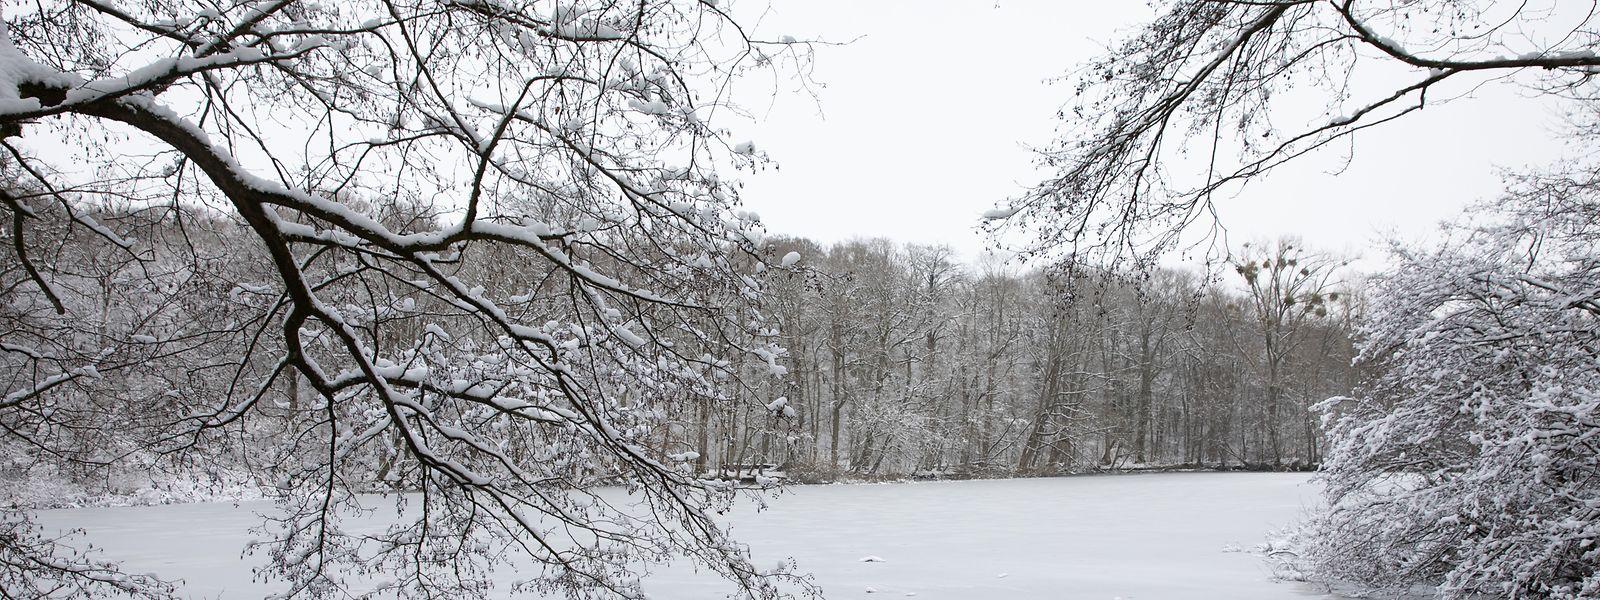 In der Nacht zum Montag können in einigen Landesteilen bis zu sieben Zentimeter Neuschnee fallen.